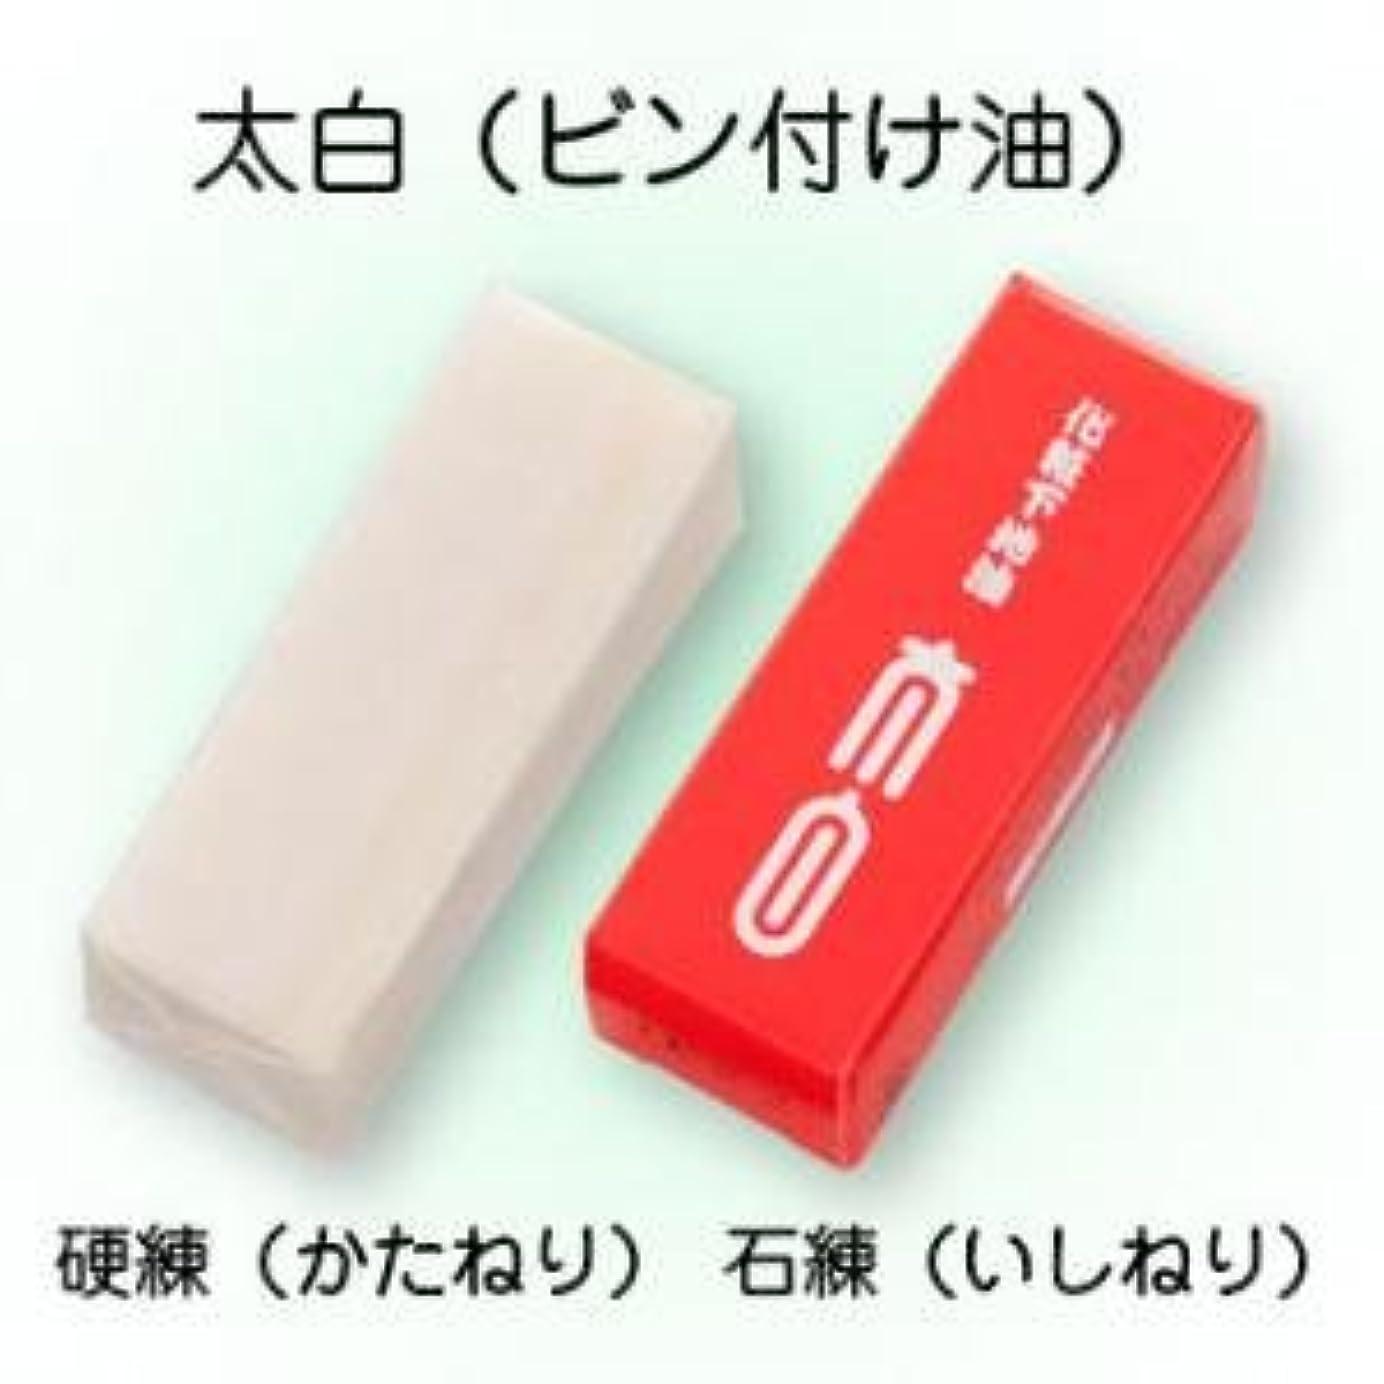 ジャケットフェザー形状太白(たいはく)ビン付け油 40g (硬練)【三善】